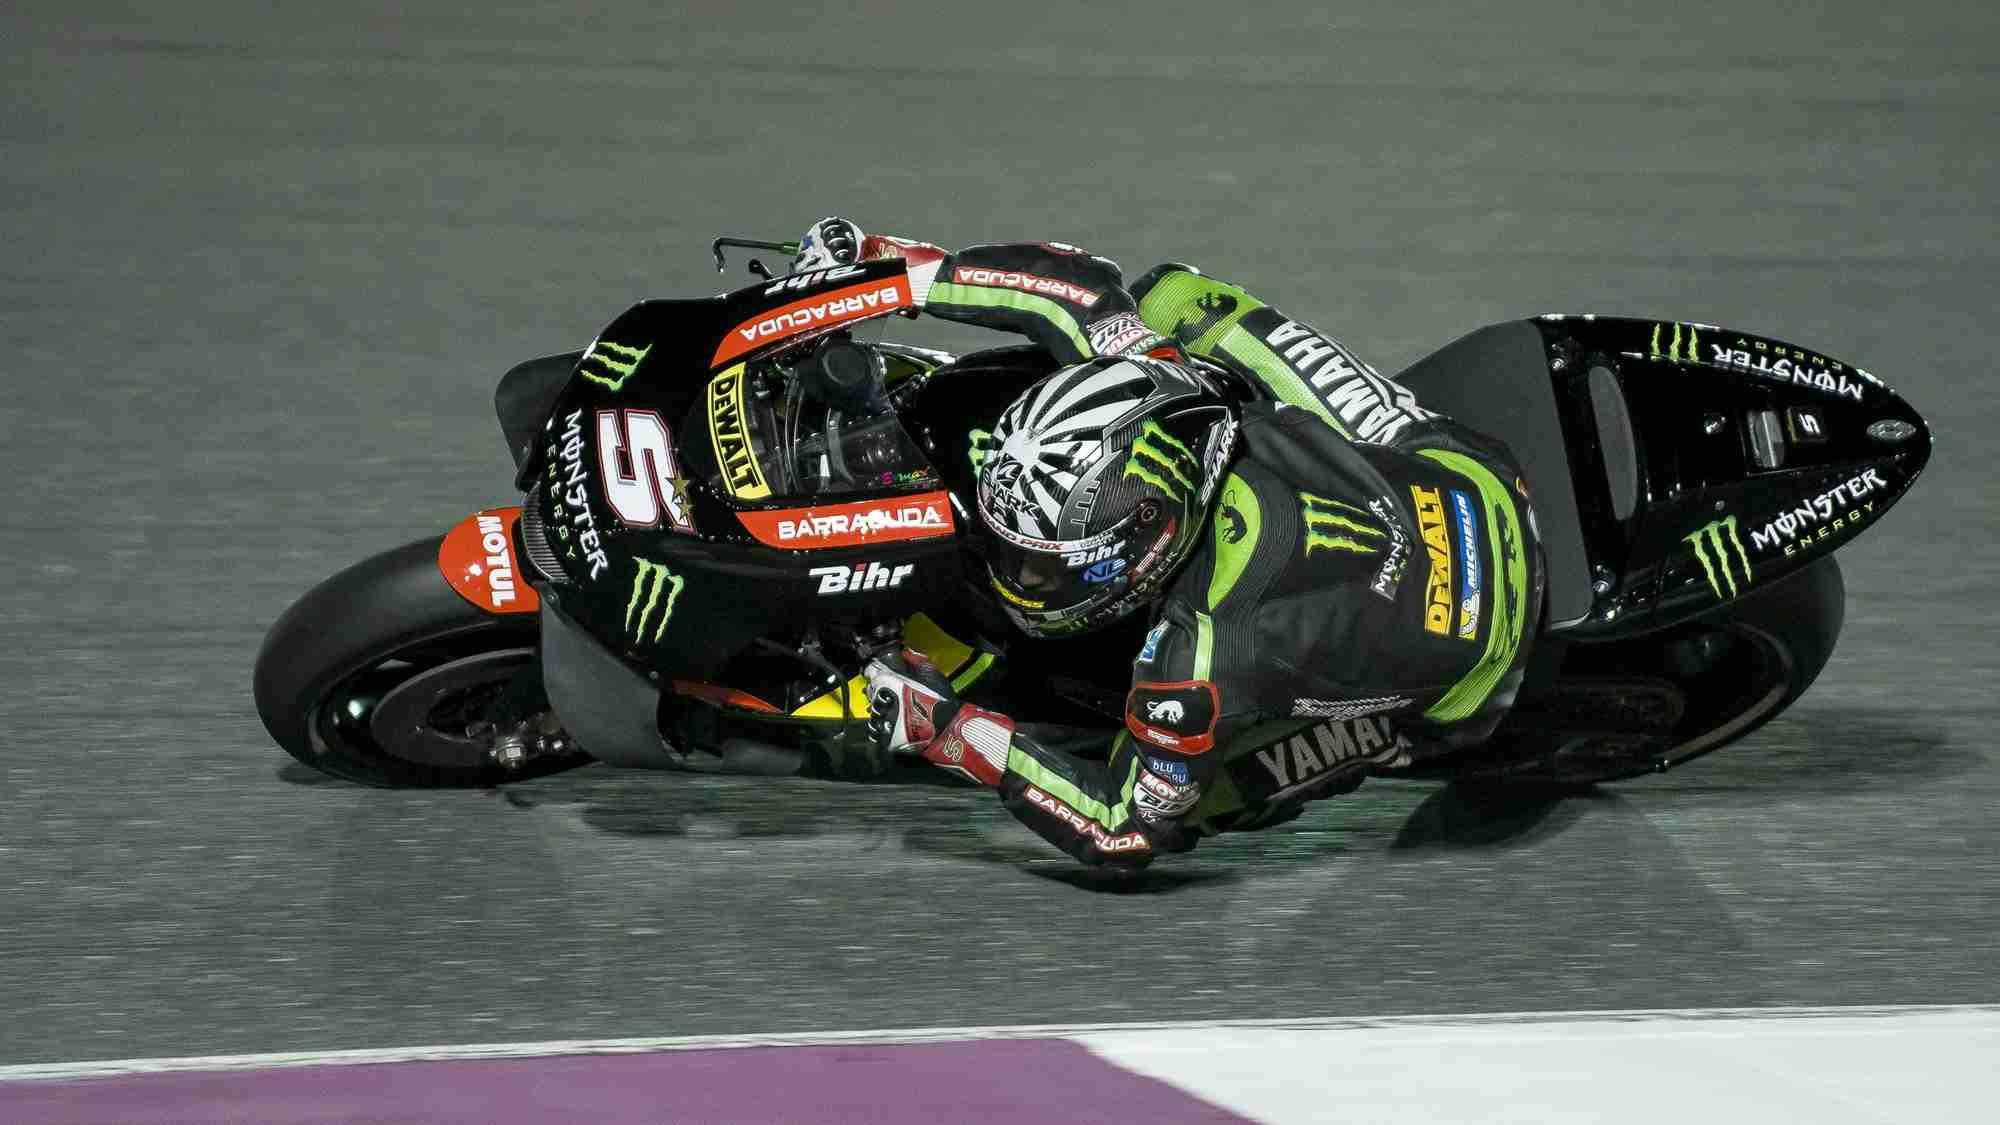 Johann Zarco tops final pre-season test at Qatar